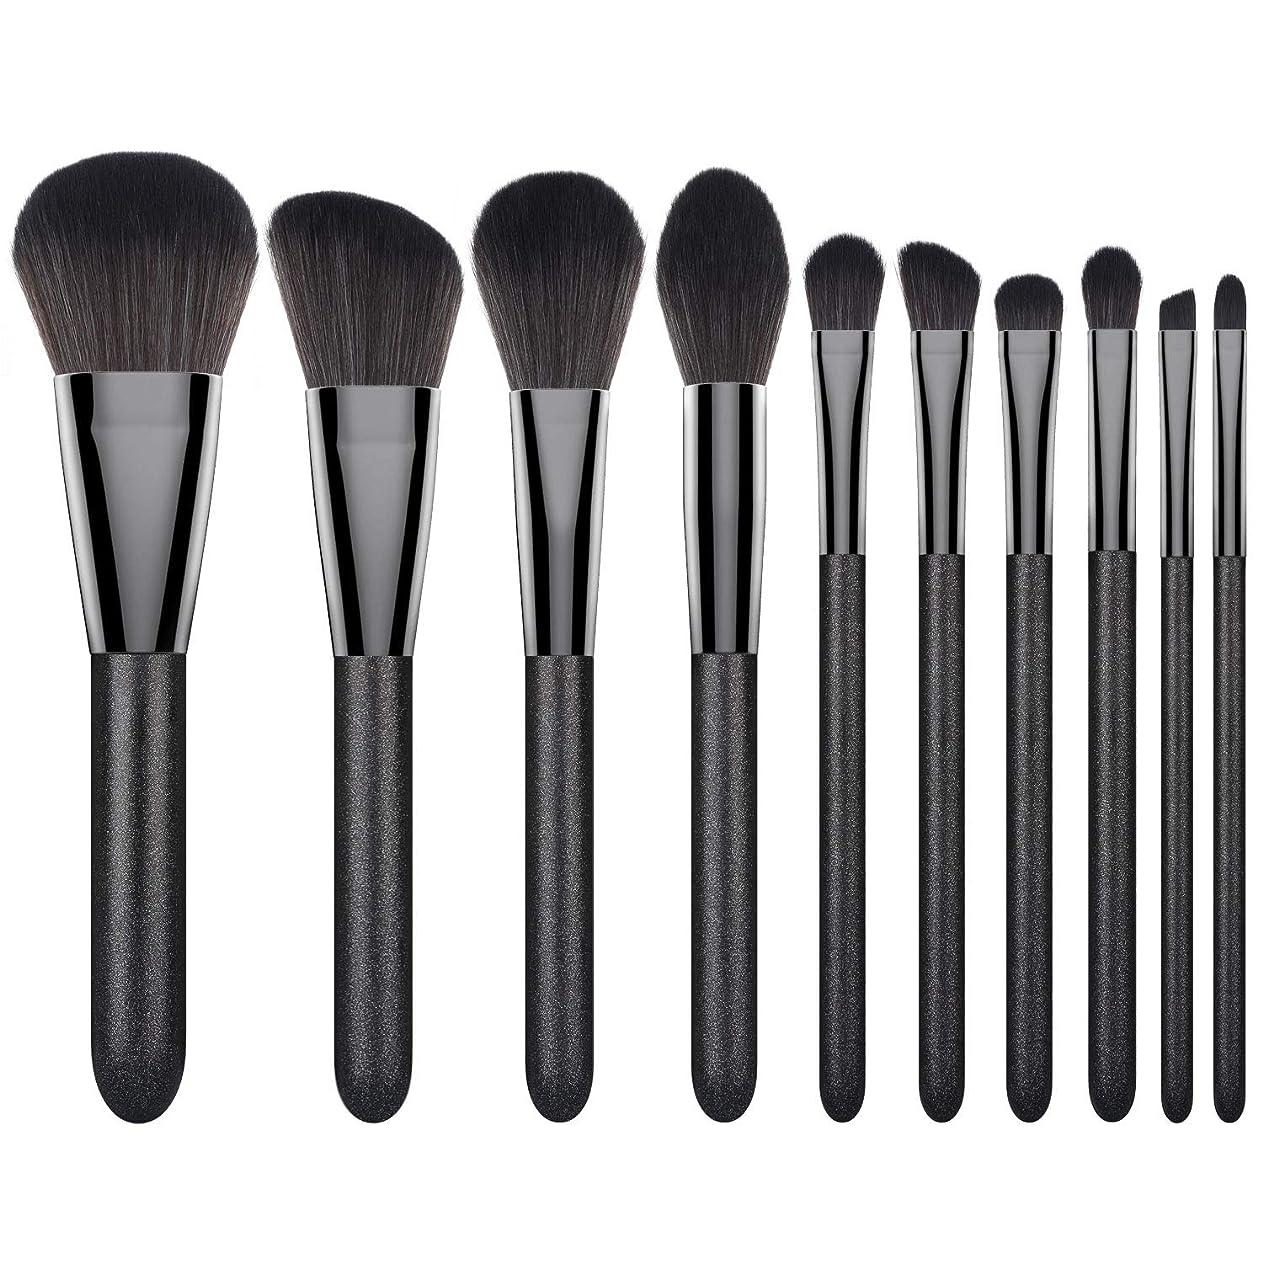 匿名故意のドキドキLuxspire メイクブラシ 10本セット 高級繊維毛アイブラシセット 柔らかい化粧筆 フェイスブラシ 化粧ブラシセット メイク筆 黒い星空 Black